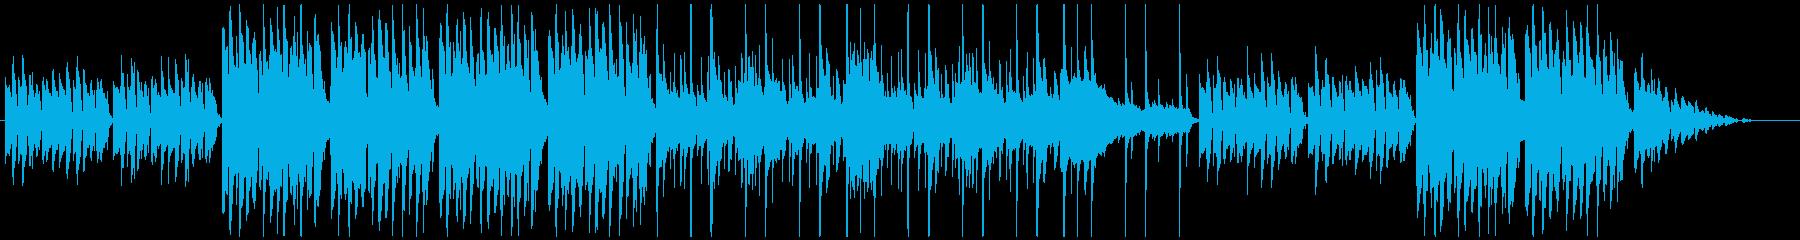 ほのぼのして落ち着く歓談中のBGMの再生済みの波形